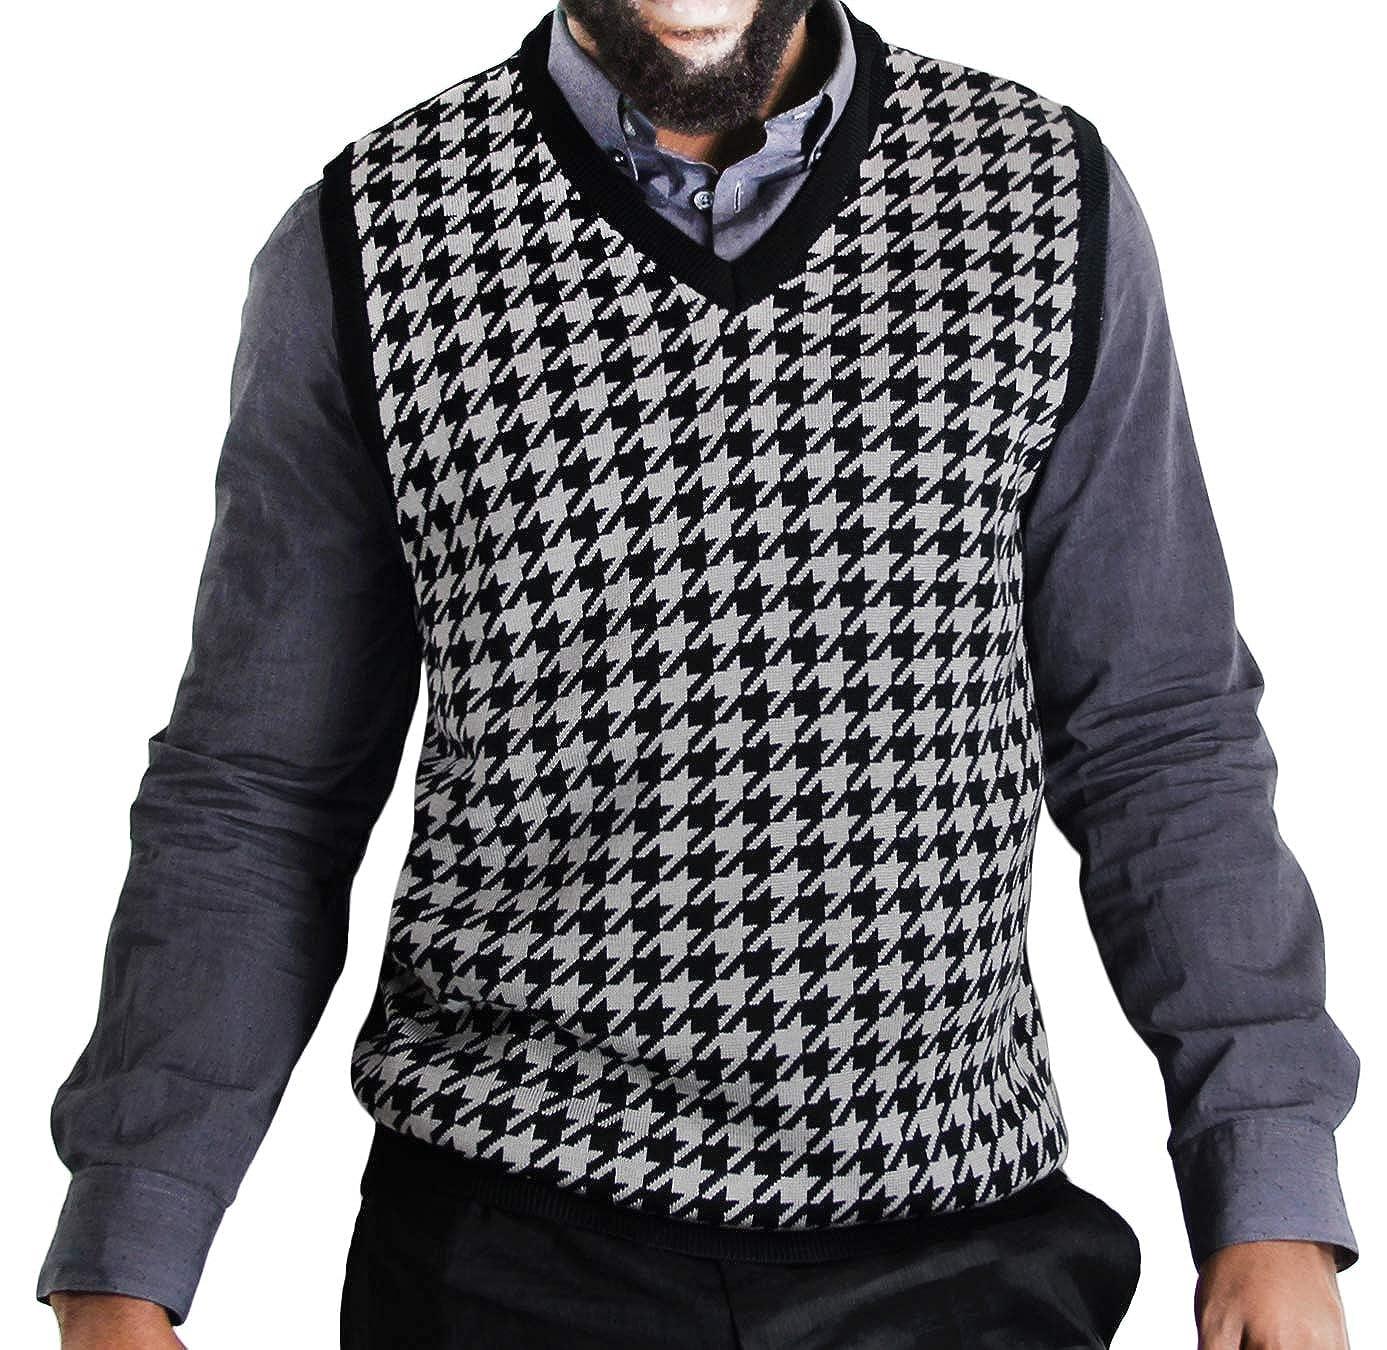 Blue Ocean V-Neck Sweater Vest Big Men Hounds-Tooth Jacquard